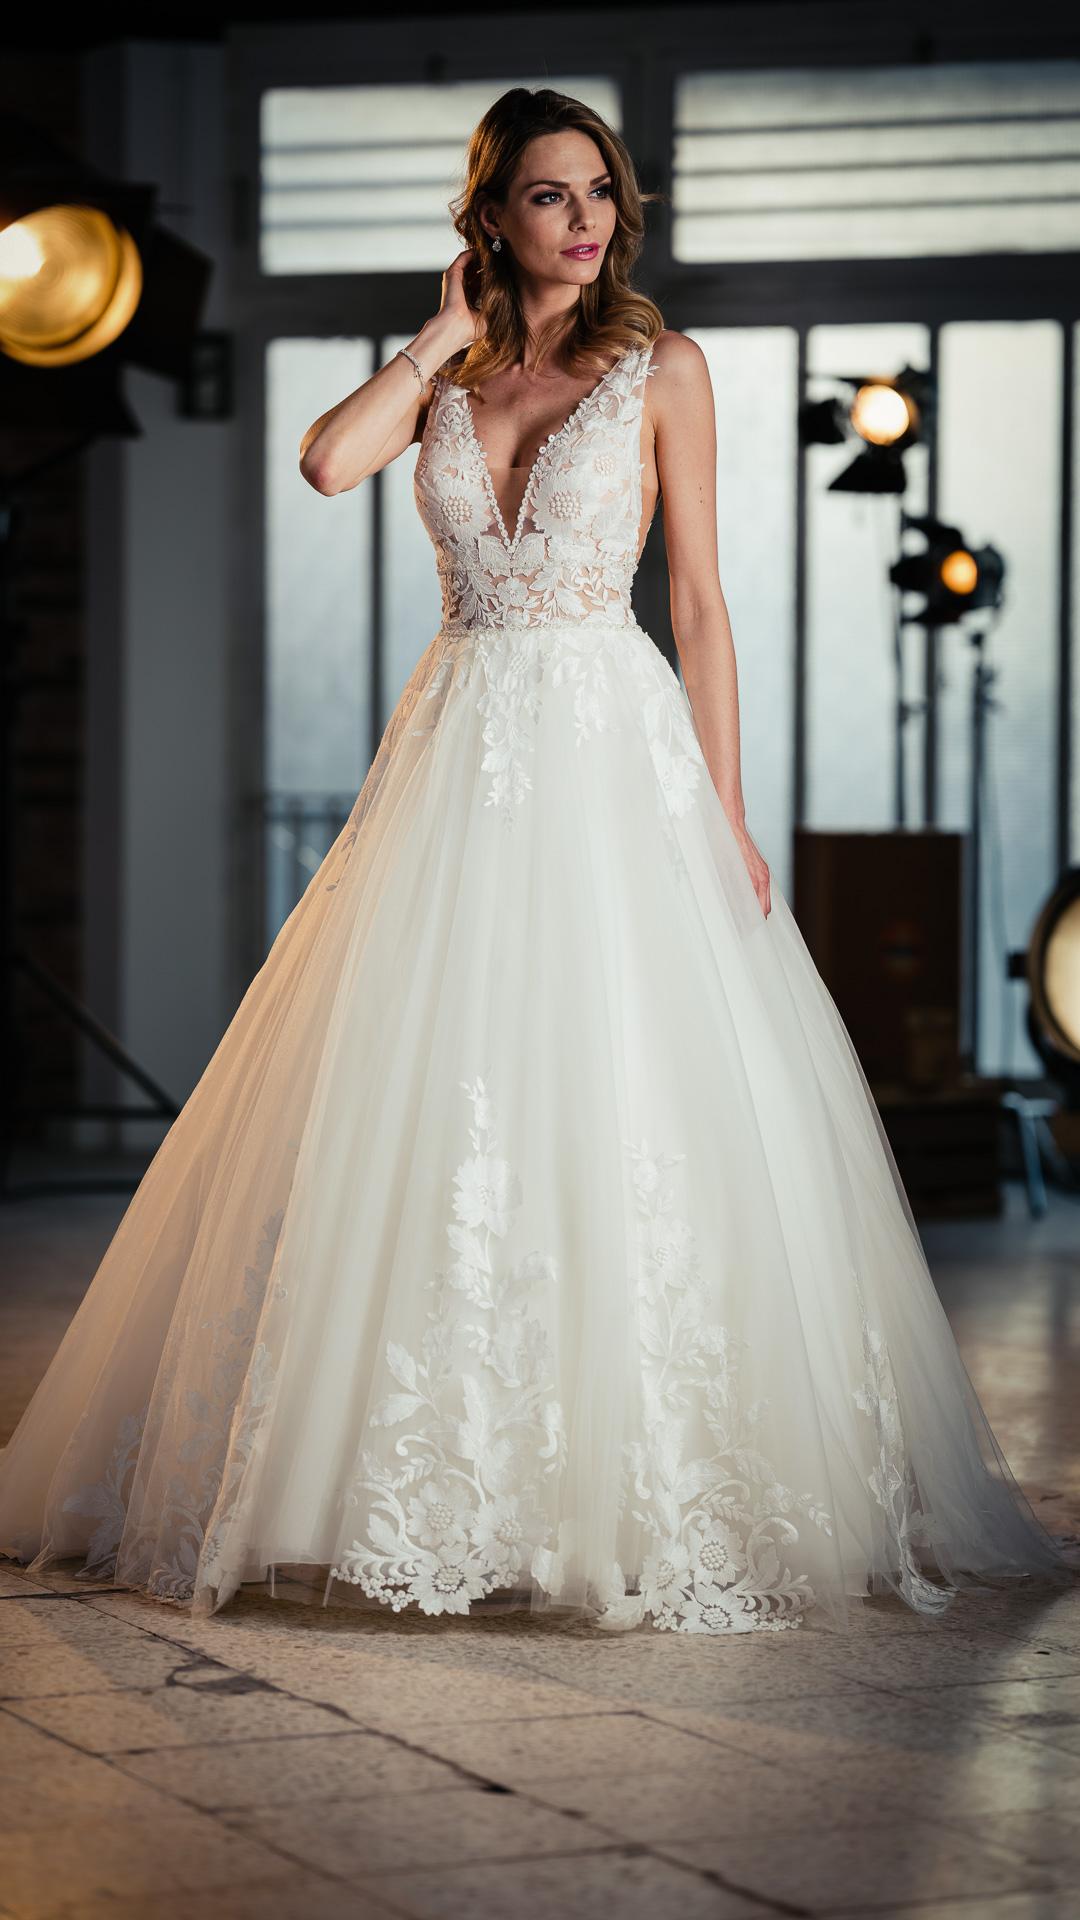 Kollektion 2021 Brautkleid 6472 von DMY